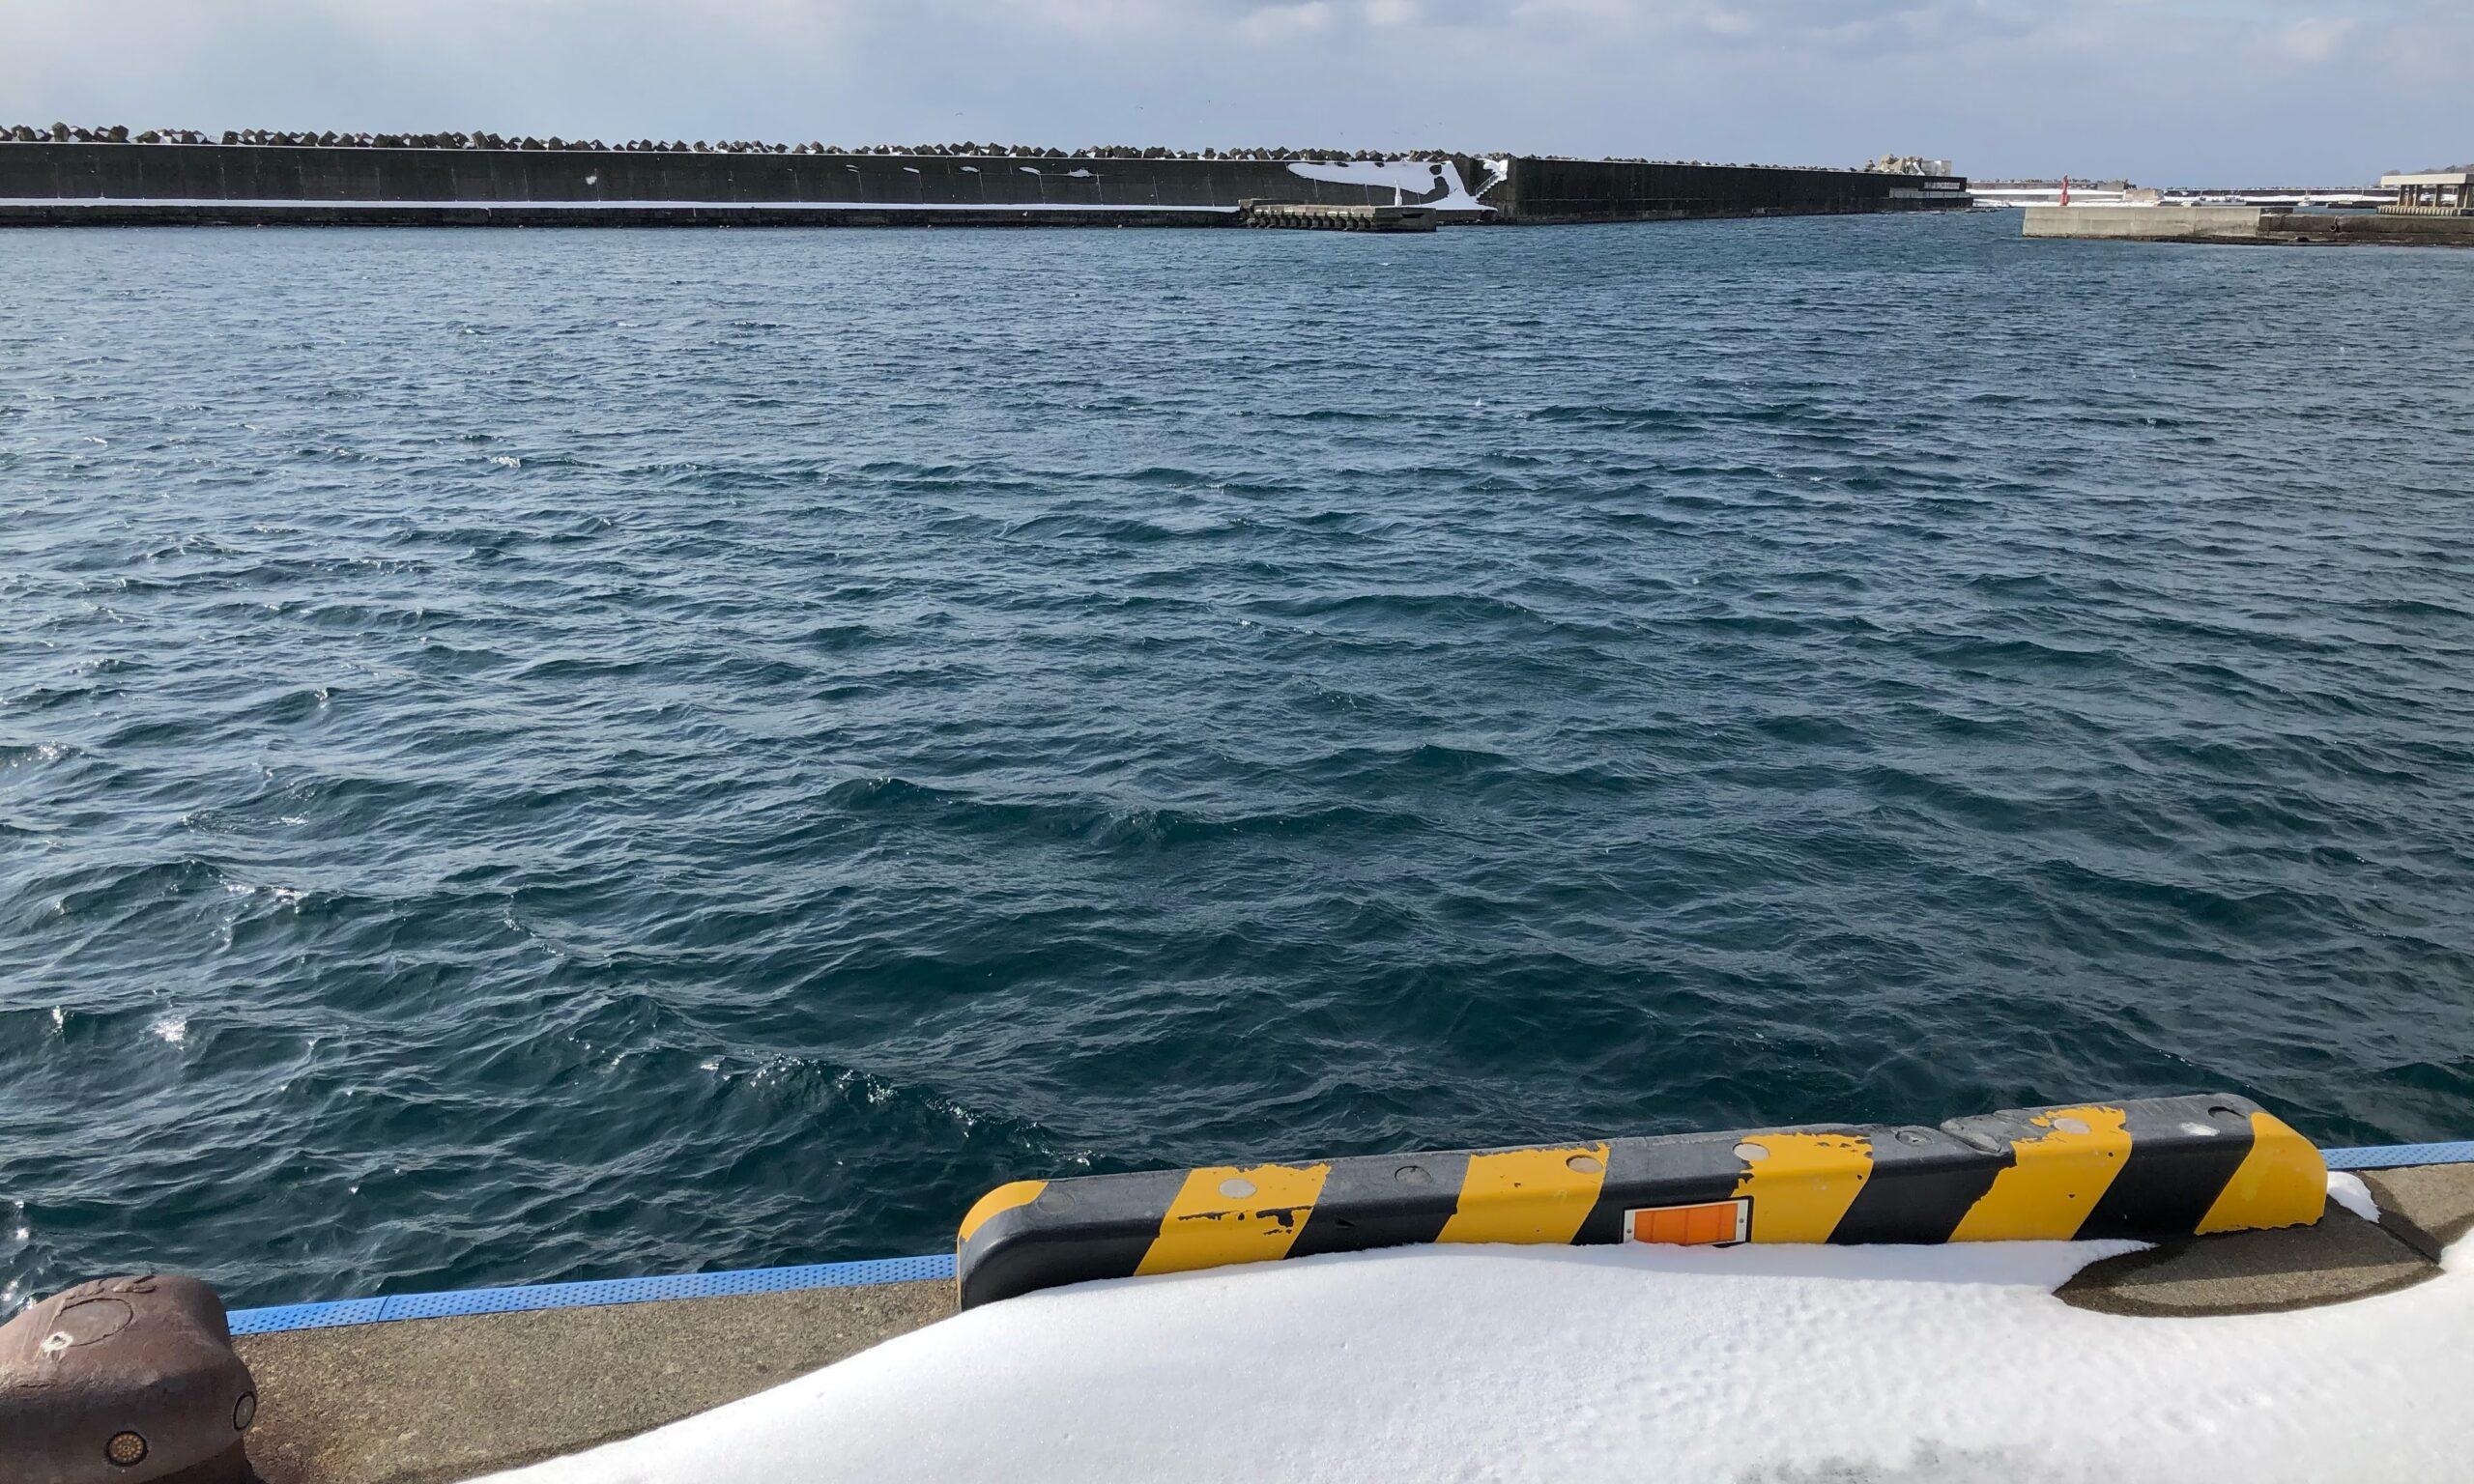 熊石漁港 2月 釣り ホッケ